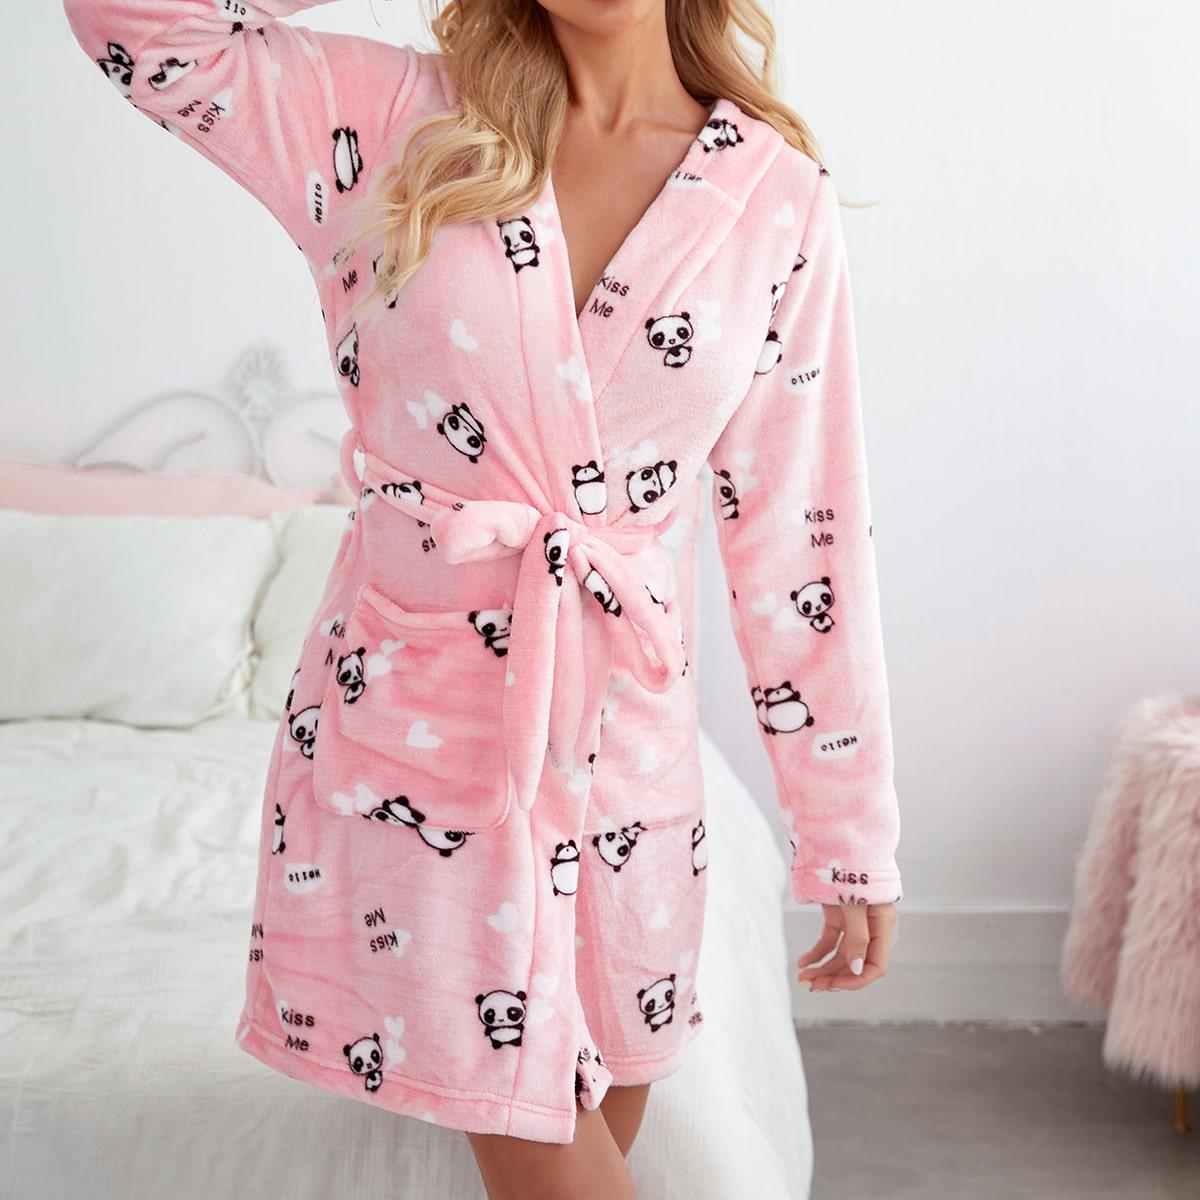 Плюшевый халат с капюшоном иоригинальнымпринтом